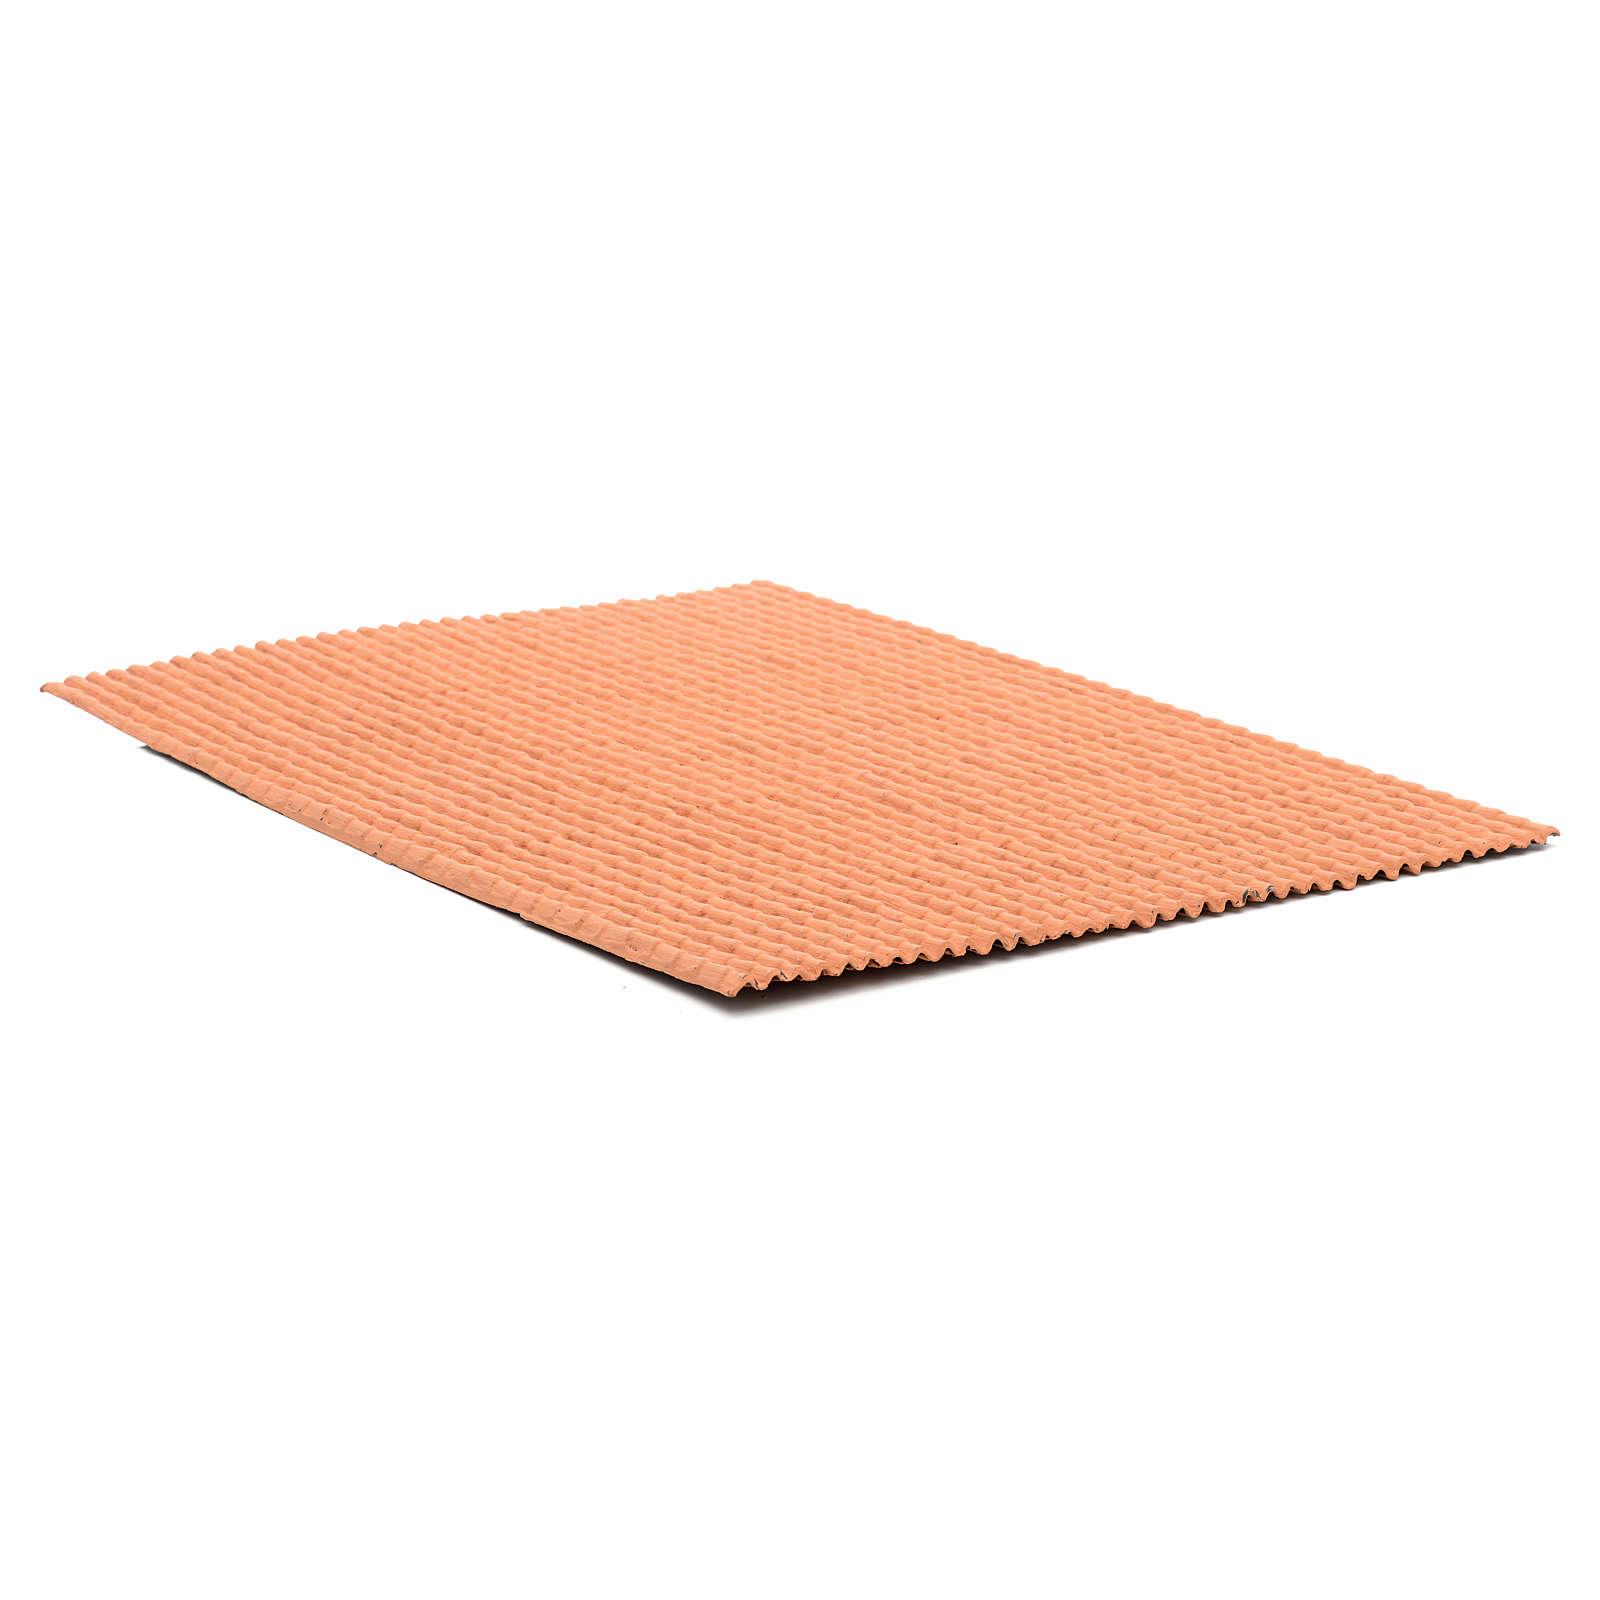 Pannello per tetto tegole color terracotta 50x35 cm 4